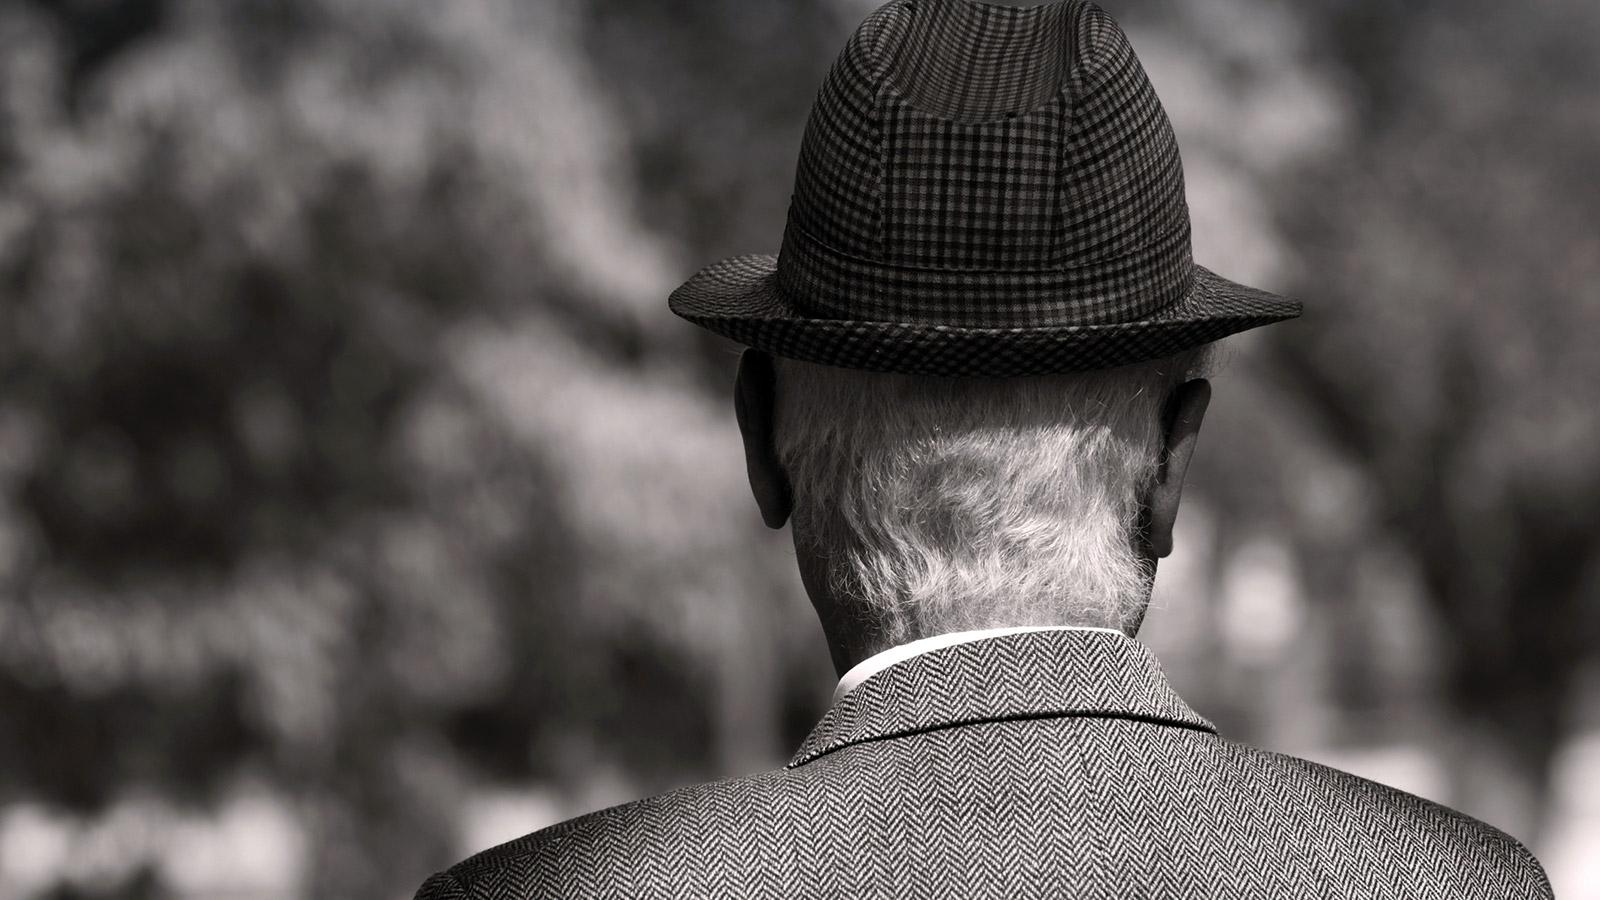 Le riche retraité a-t-il été spolié?